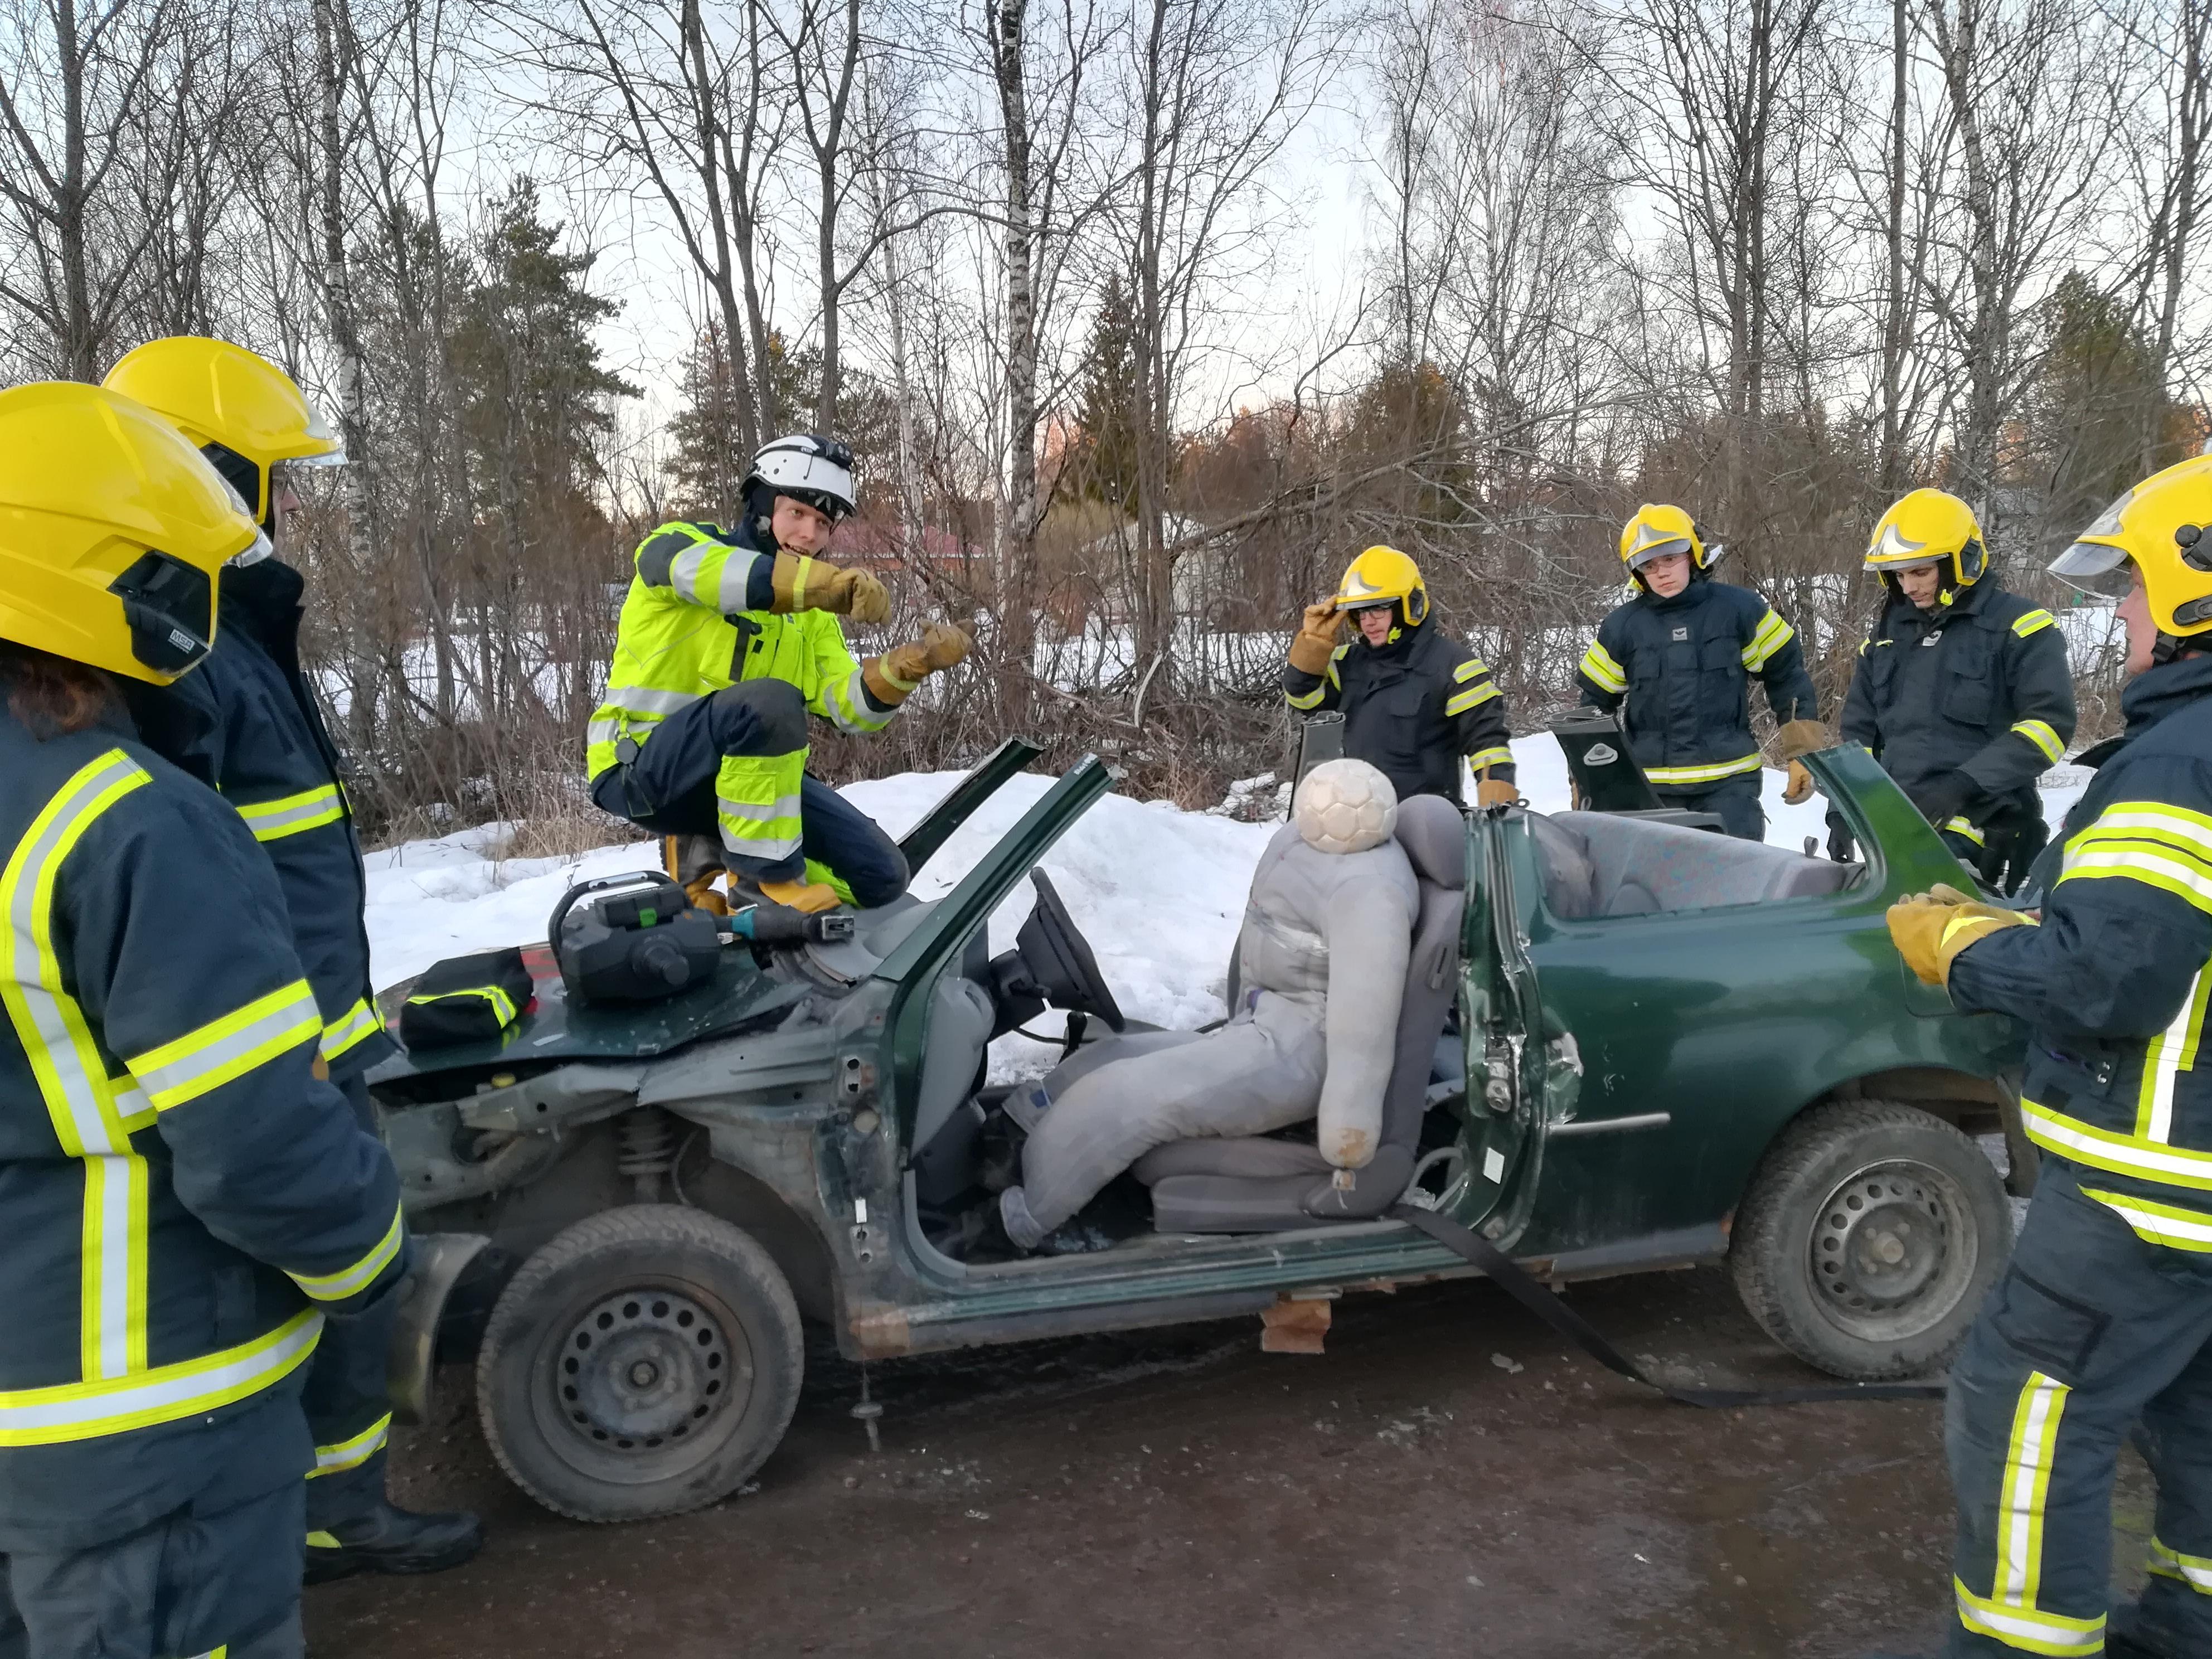 Lopputulos;  potilas saatiin onnistuneesti pelastettua! Auto toki kärsi hieman käsittelyssä..